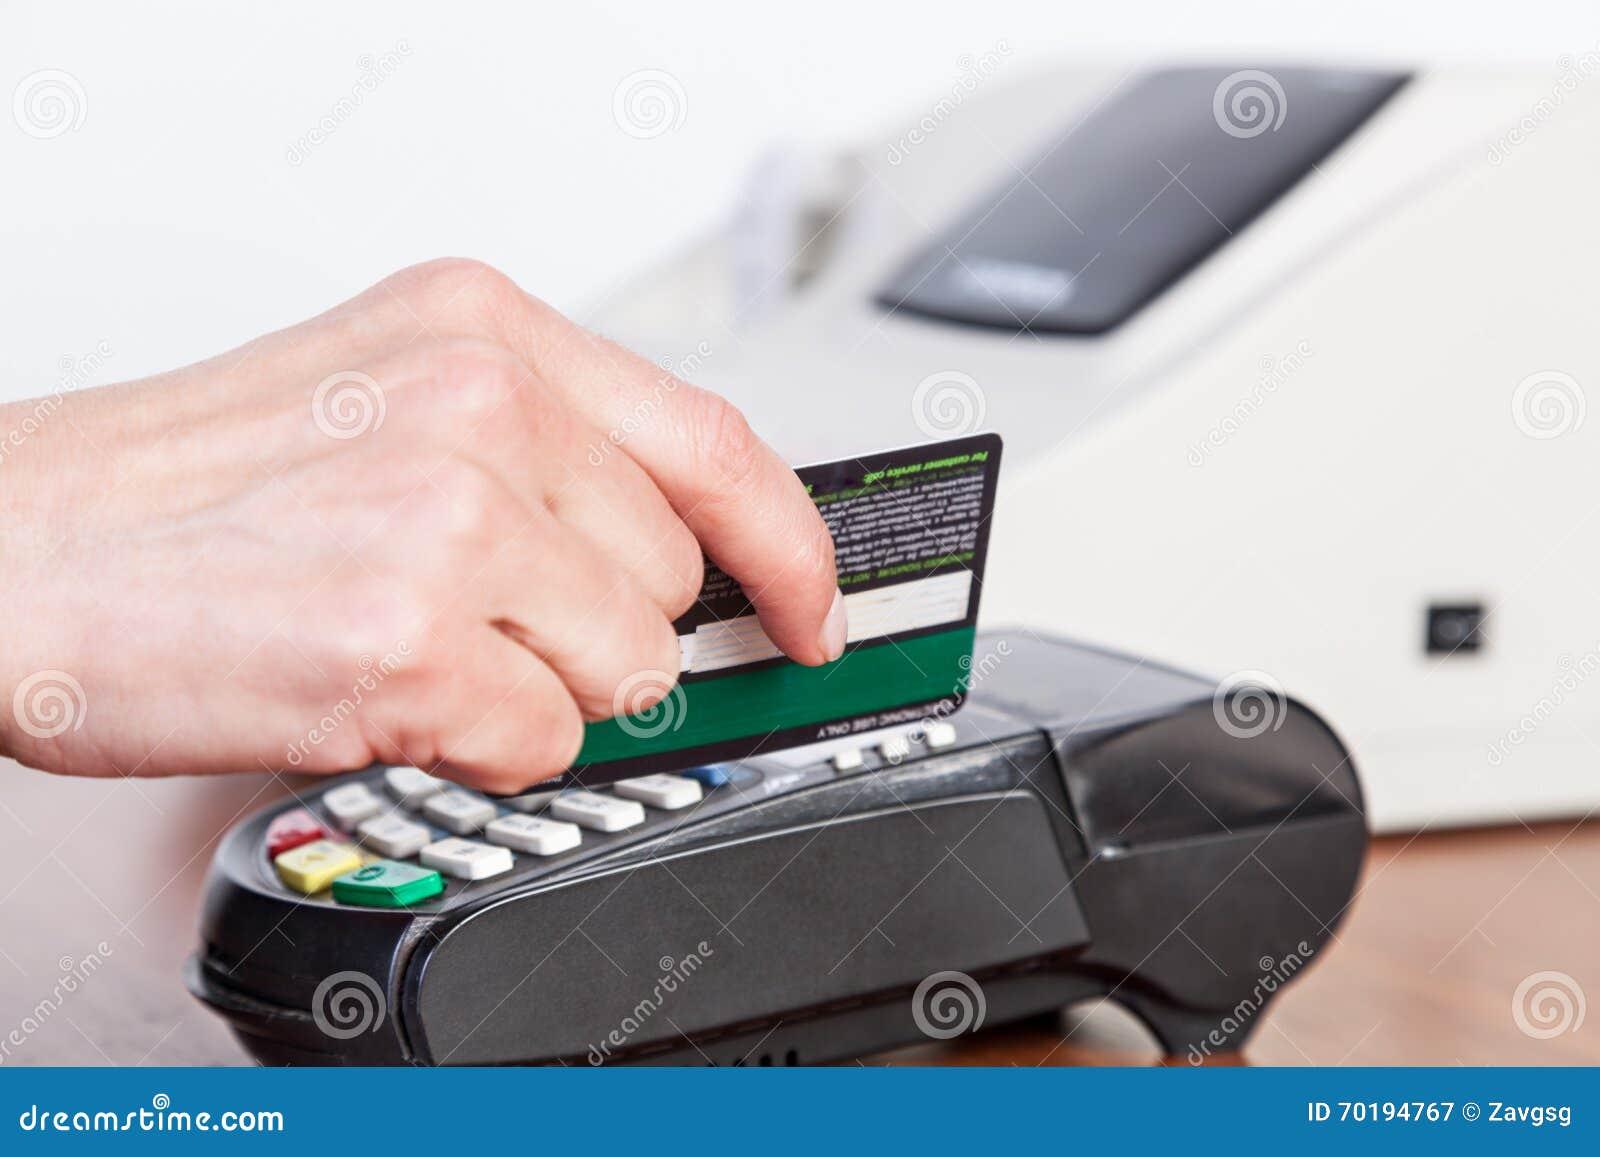 Kreditkortbetalning, köp och försäljningsprodukt och tjänst